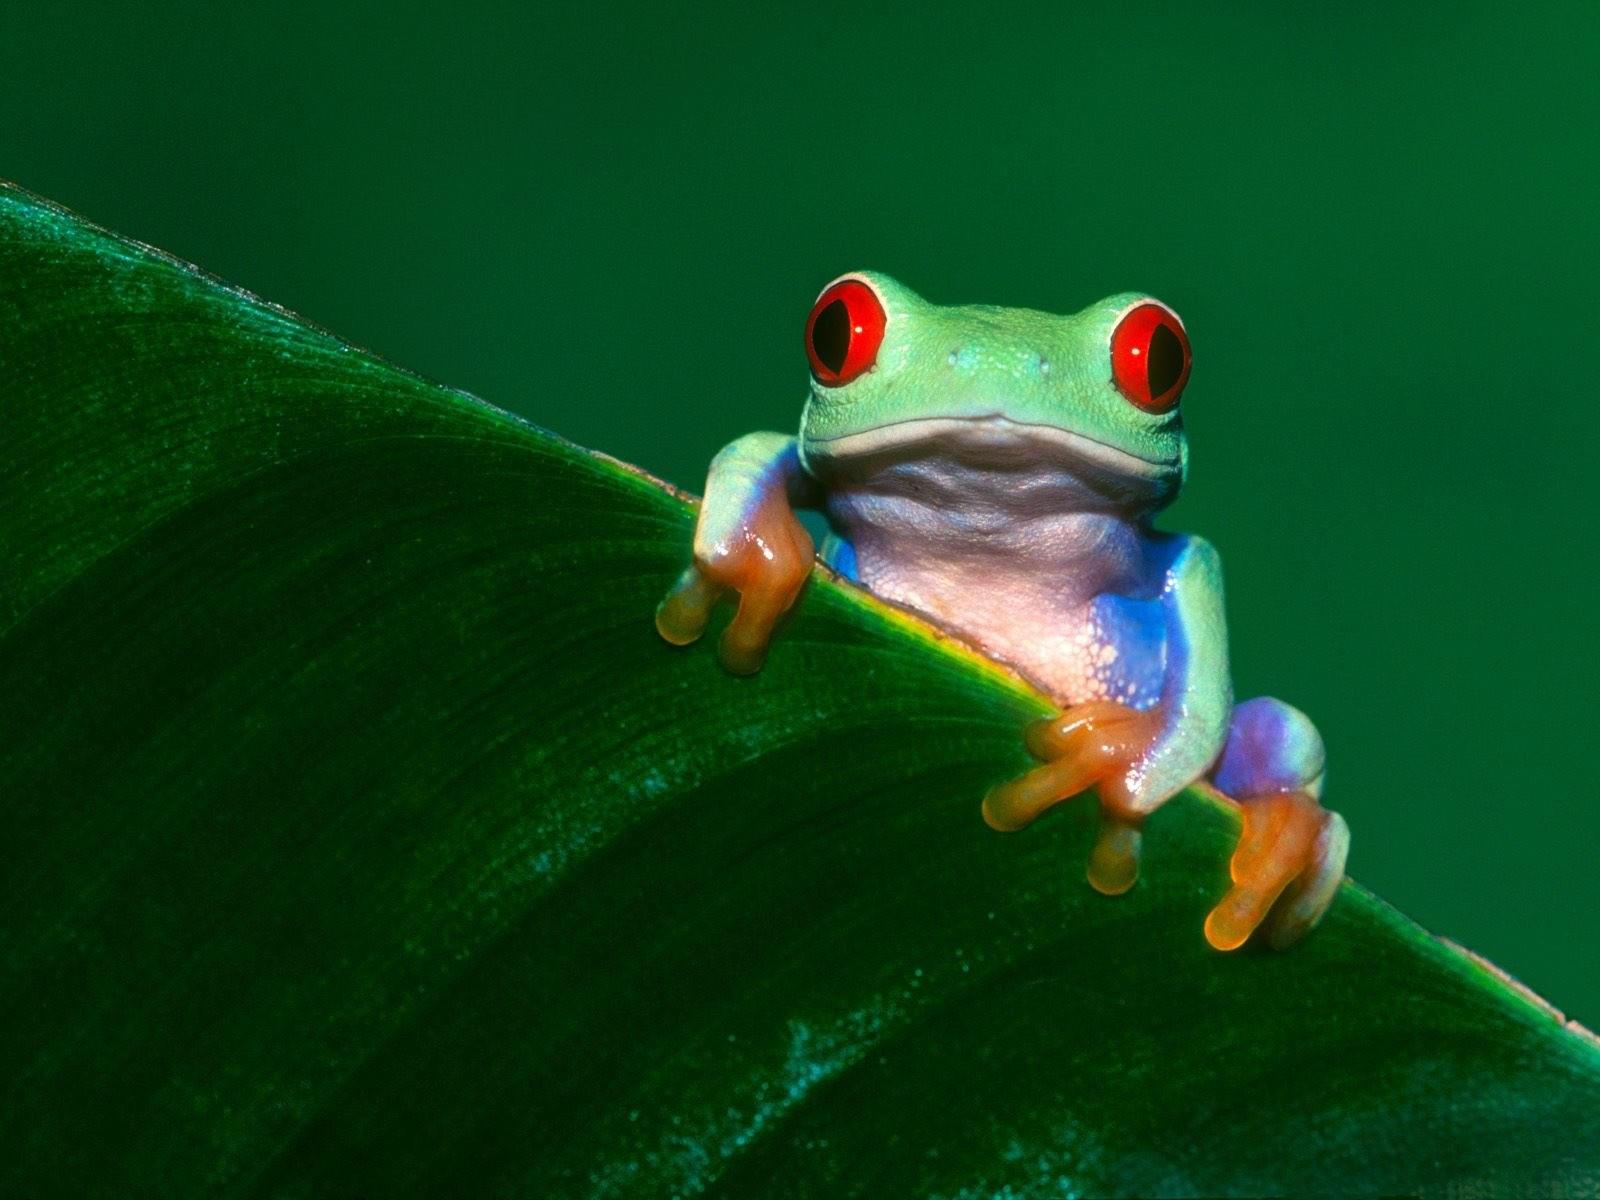 Зеленая лягушка на листке